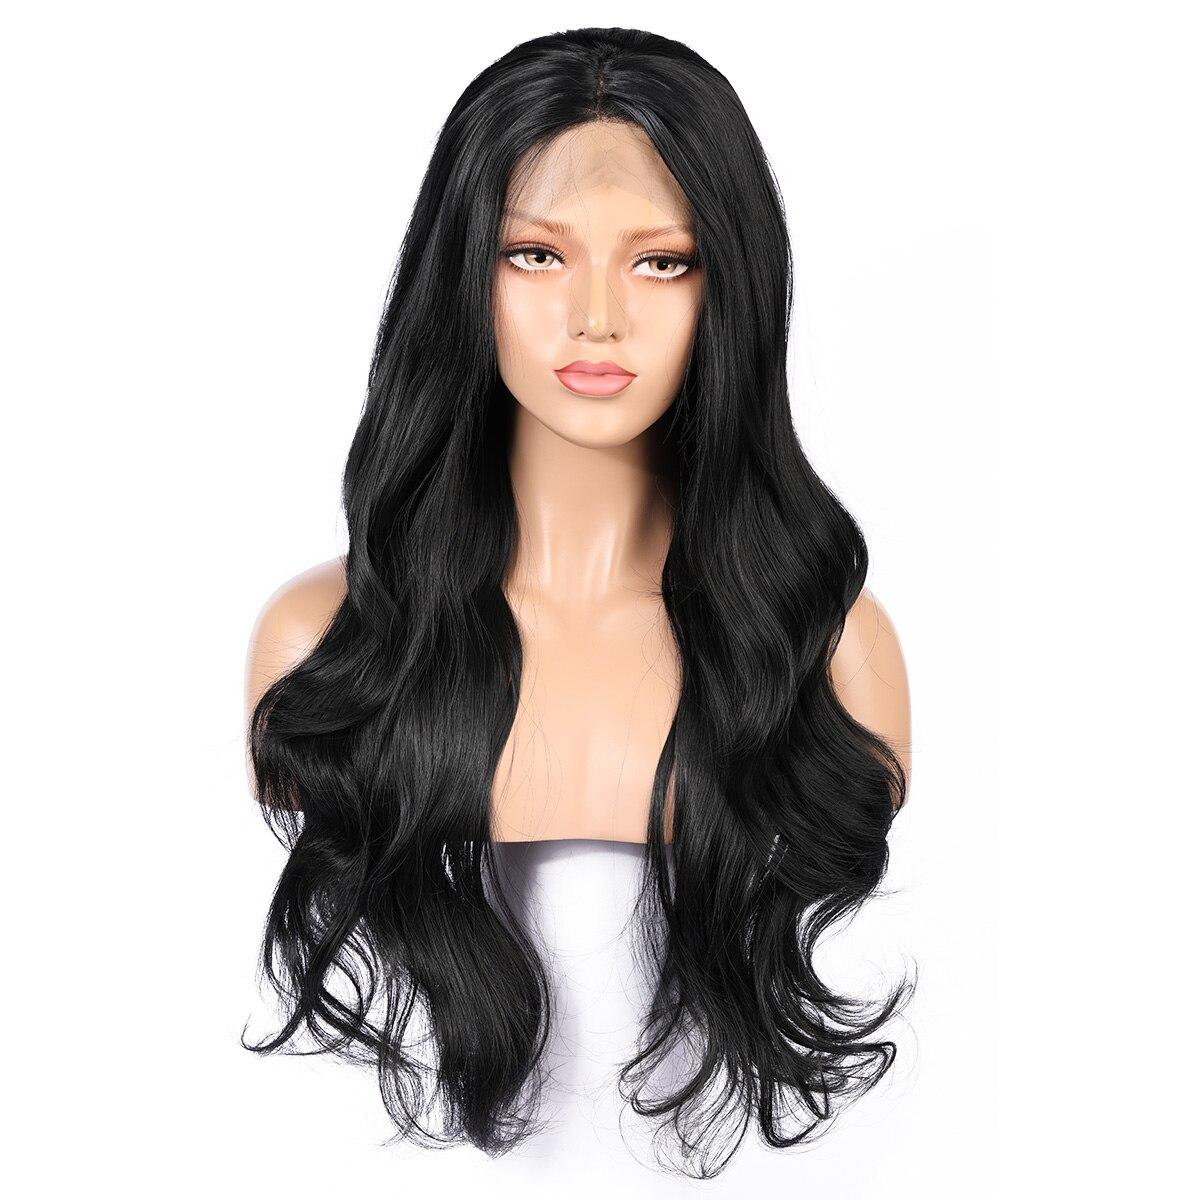 26 дюймов длинный 180% Плотность Черный Свободные волнистые мягкие синтетические кружевные передние парики для женщин с детскими волосами Си...